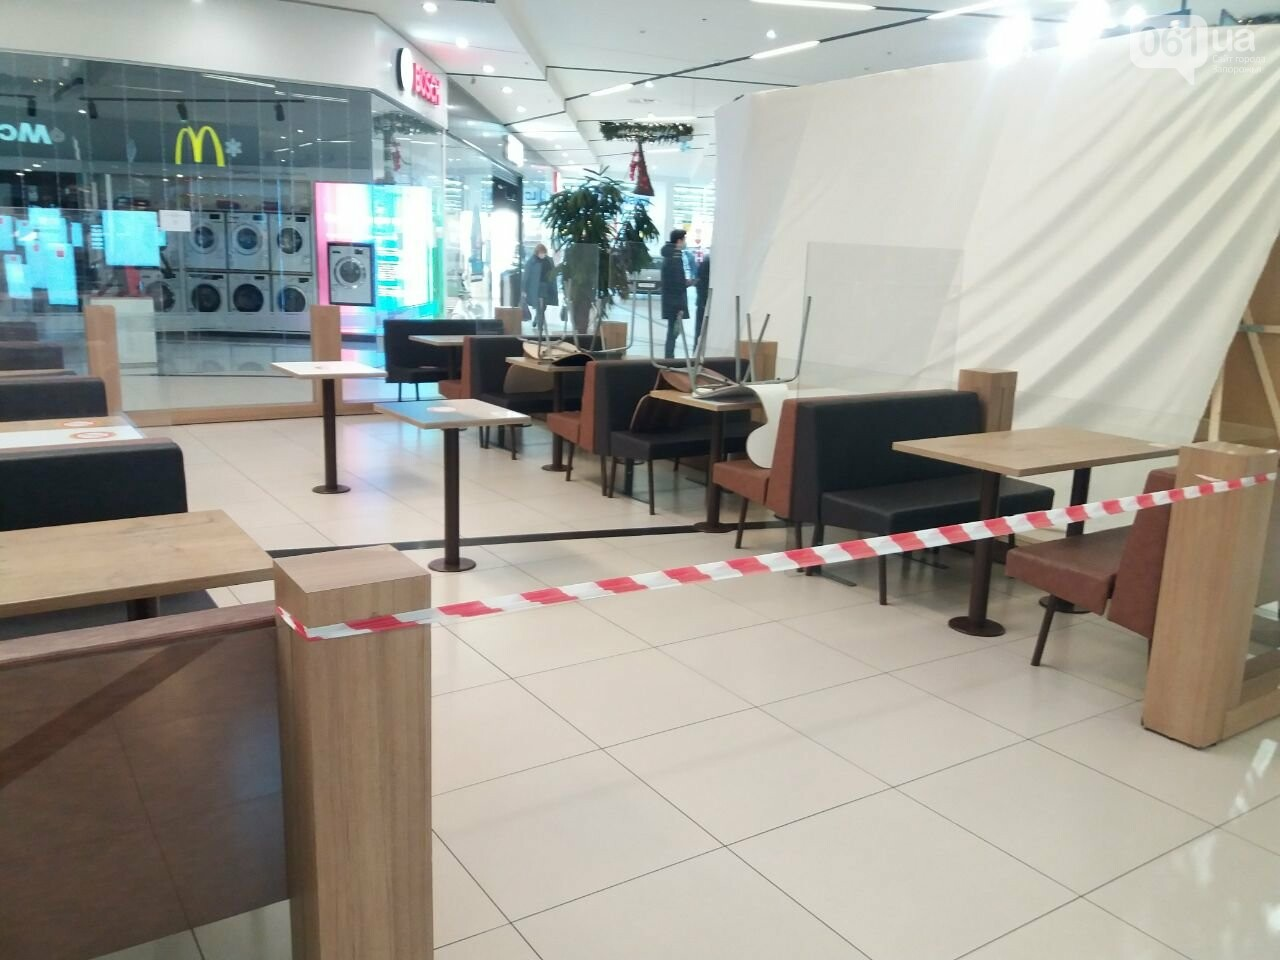 Защитные ленты на товарах, неработающие ТРЦ и полузакрытые рынки – фоторепортаж о первом дне локдауна в Запорожье, фото-26